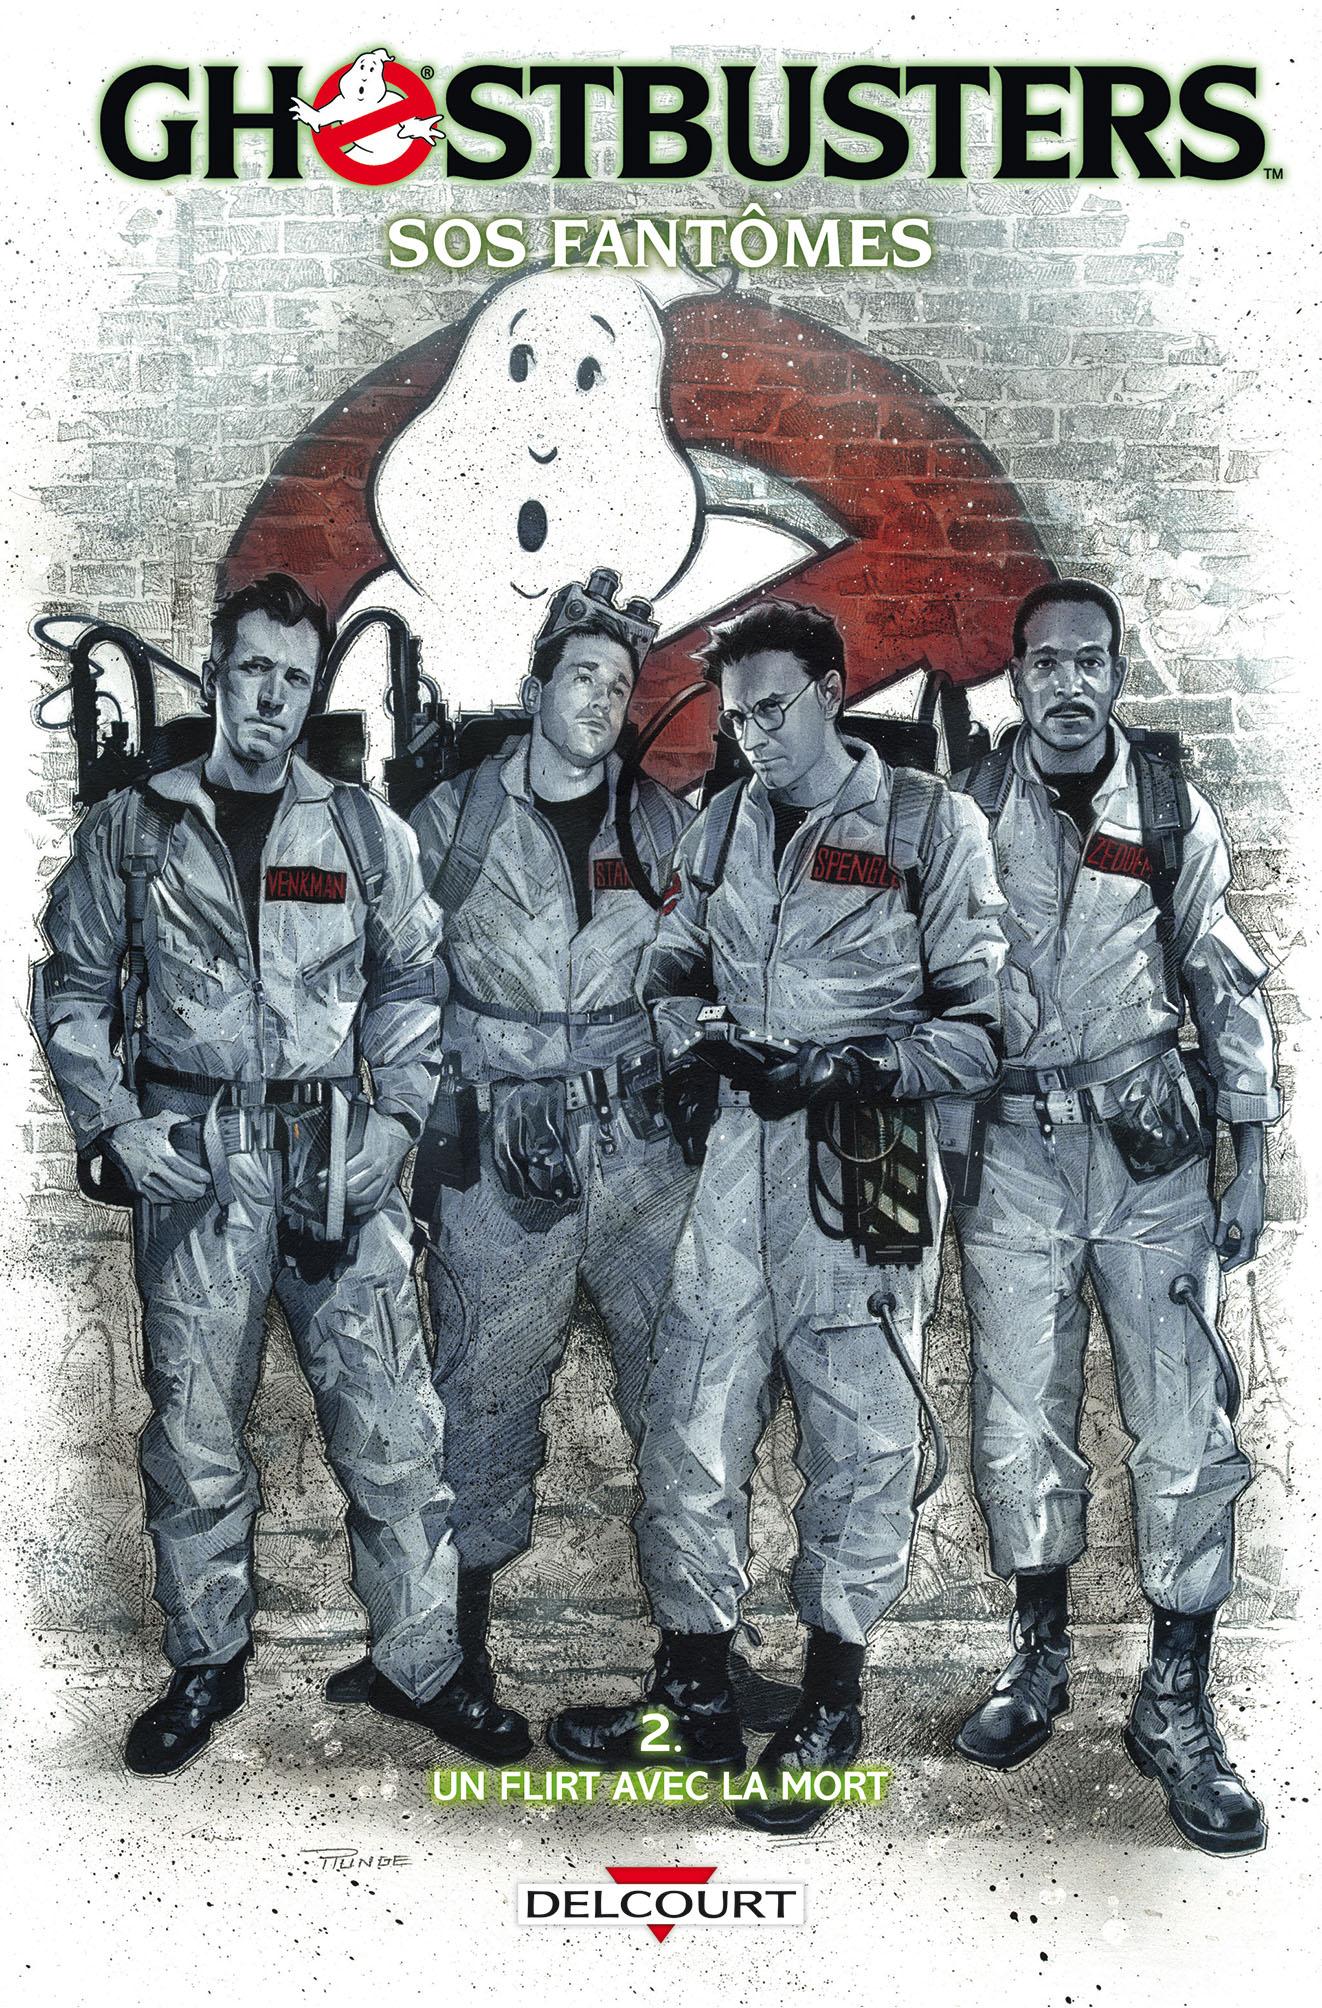 Ghostbusters 2 - Un flirt avec la mort